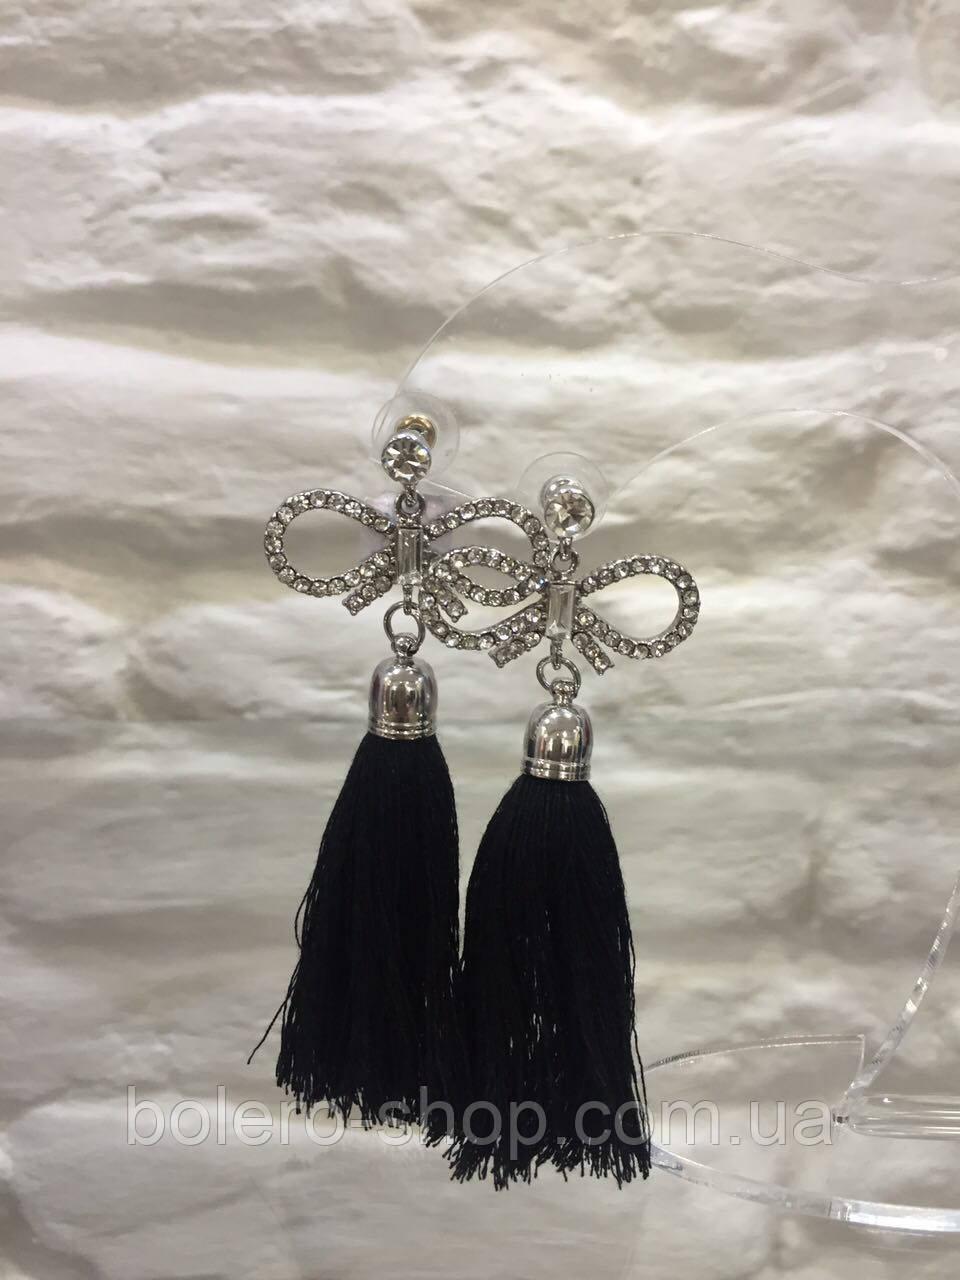 Висячі сережки з камінчиками чорними китицями жіноча італійська біжутерія